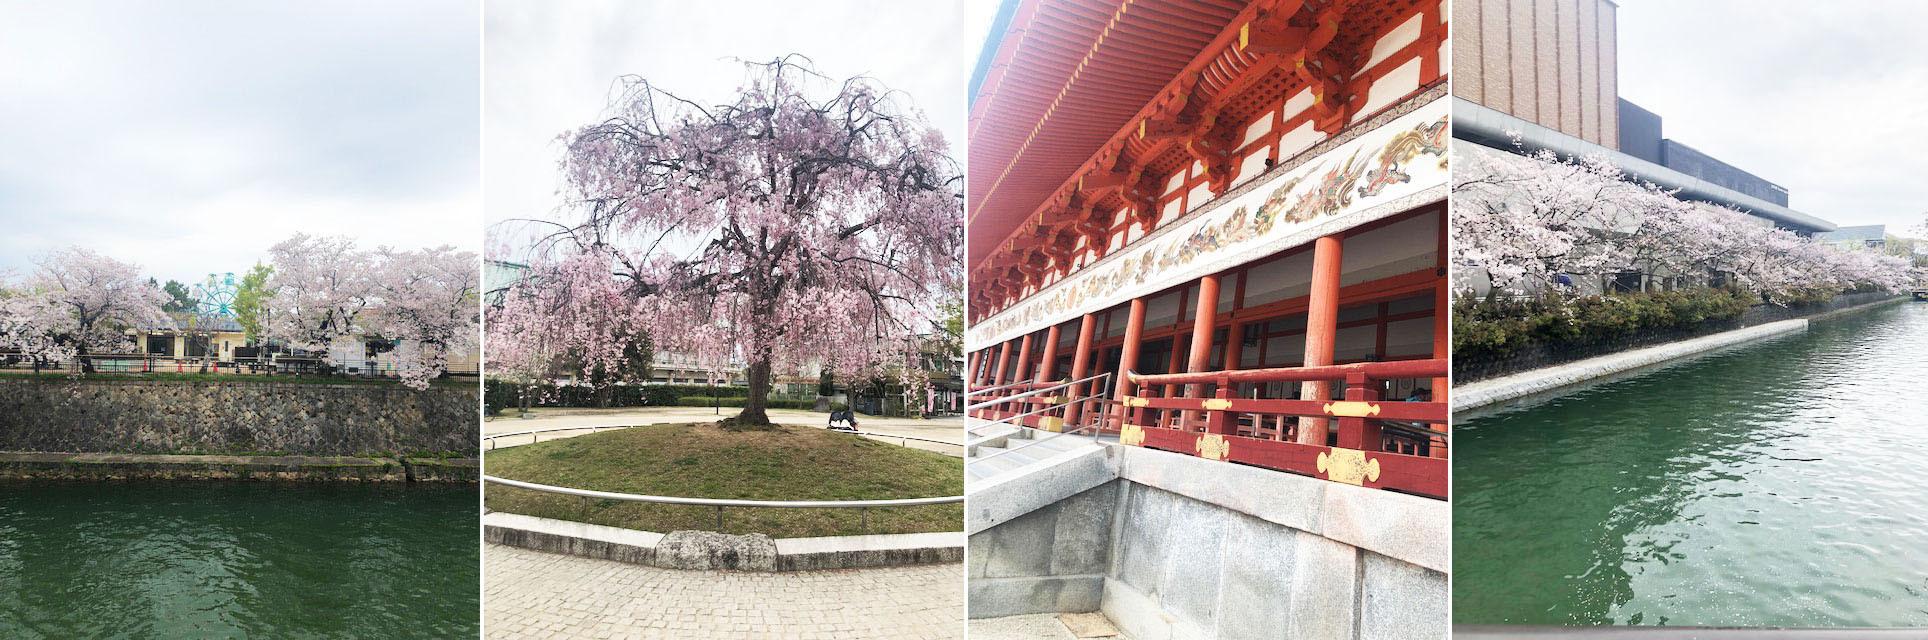 花冷えつづき、お花見が長く楽しめた今年の桜。〔左京区・東山区…桜コレクション〕_b0215856_17065308.jpg